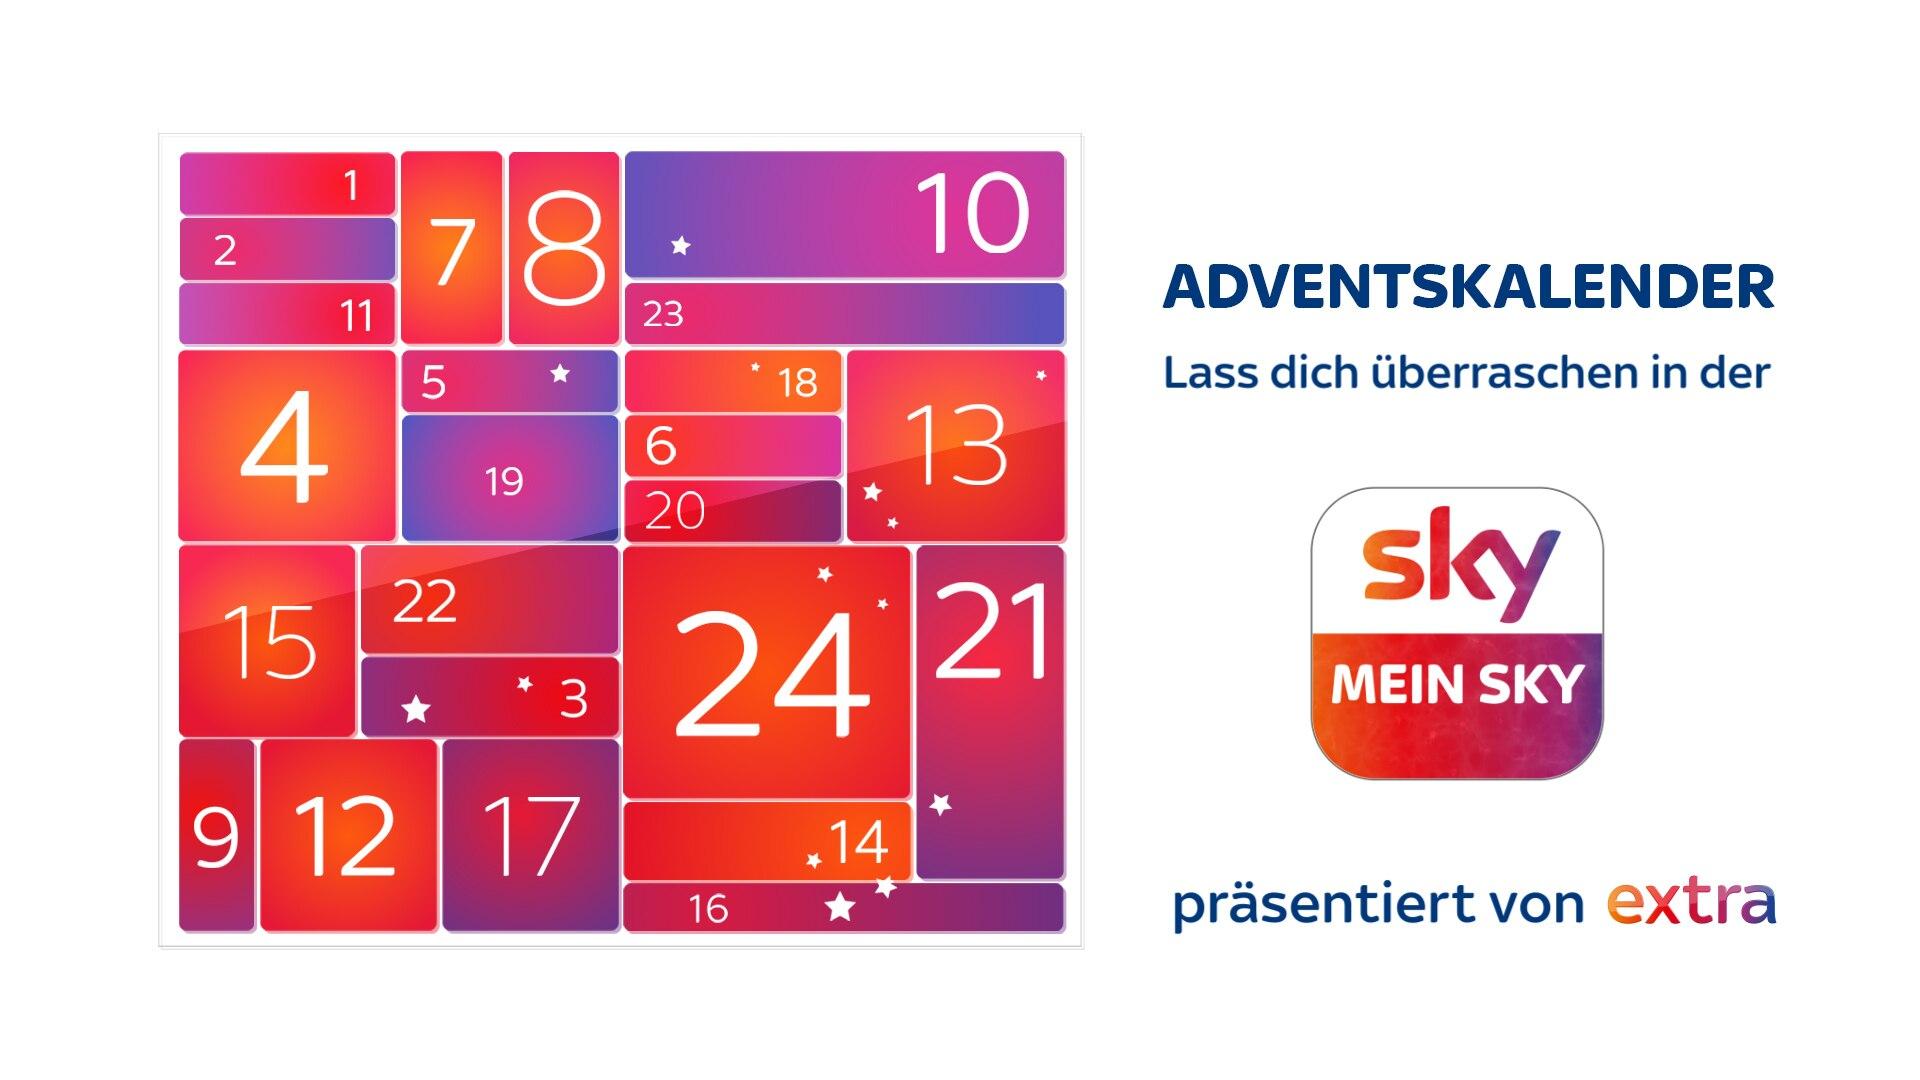 Adventskalendar_SKY_mein